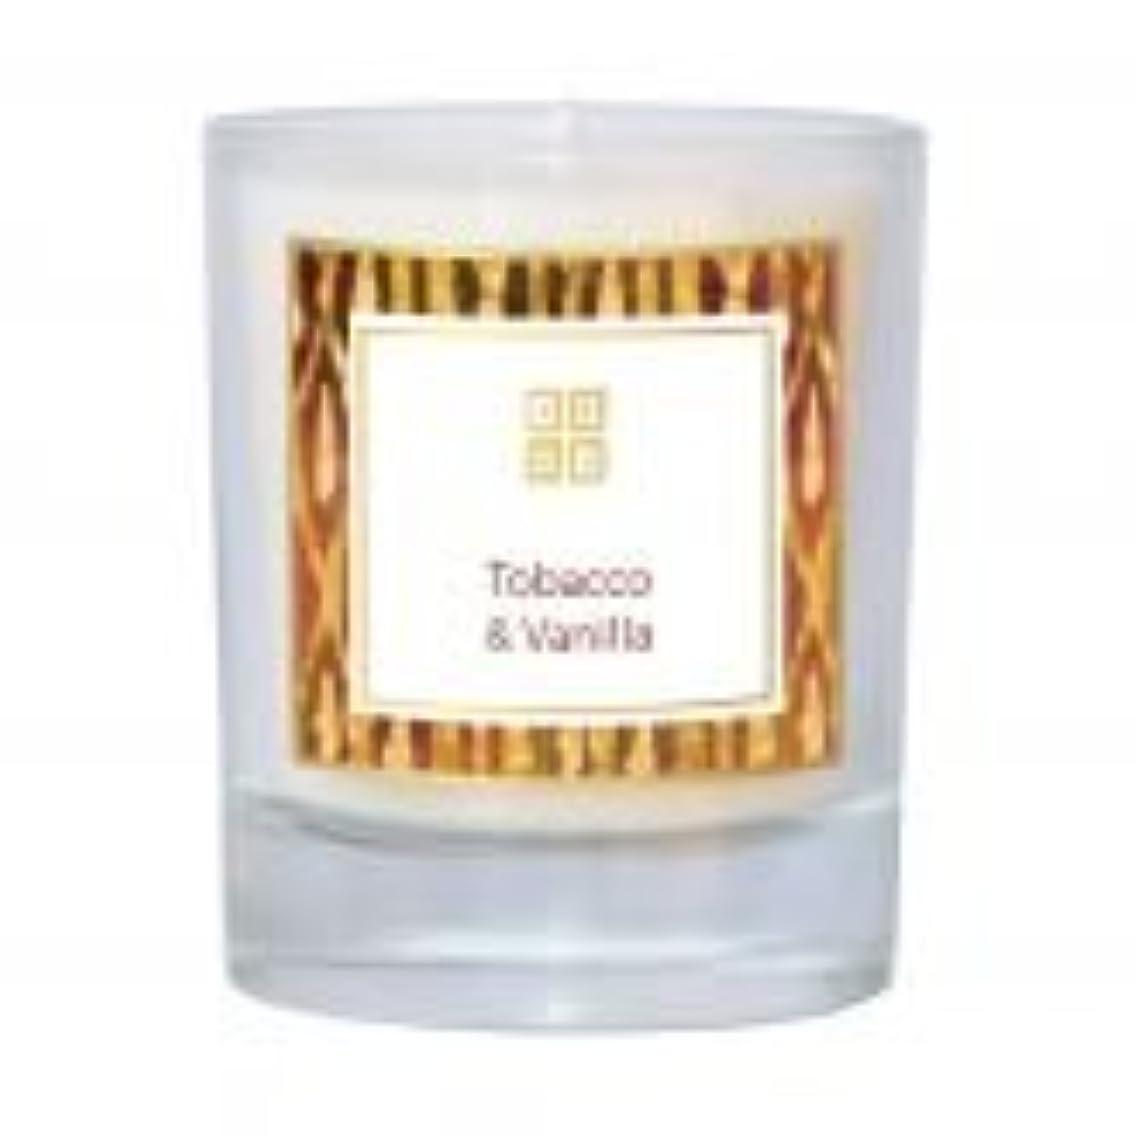 オートマトンビル値Tobacco &バニラ香りのキャンドル 7 oz ホワイト 502-08851